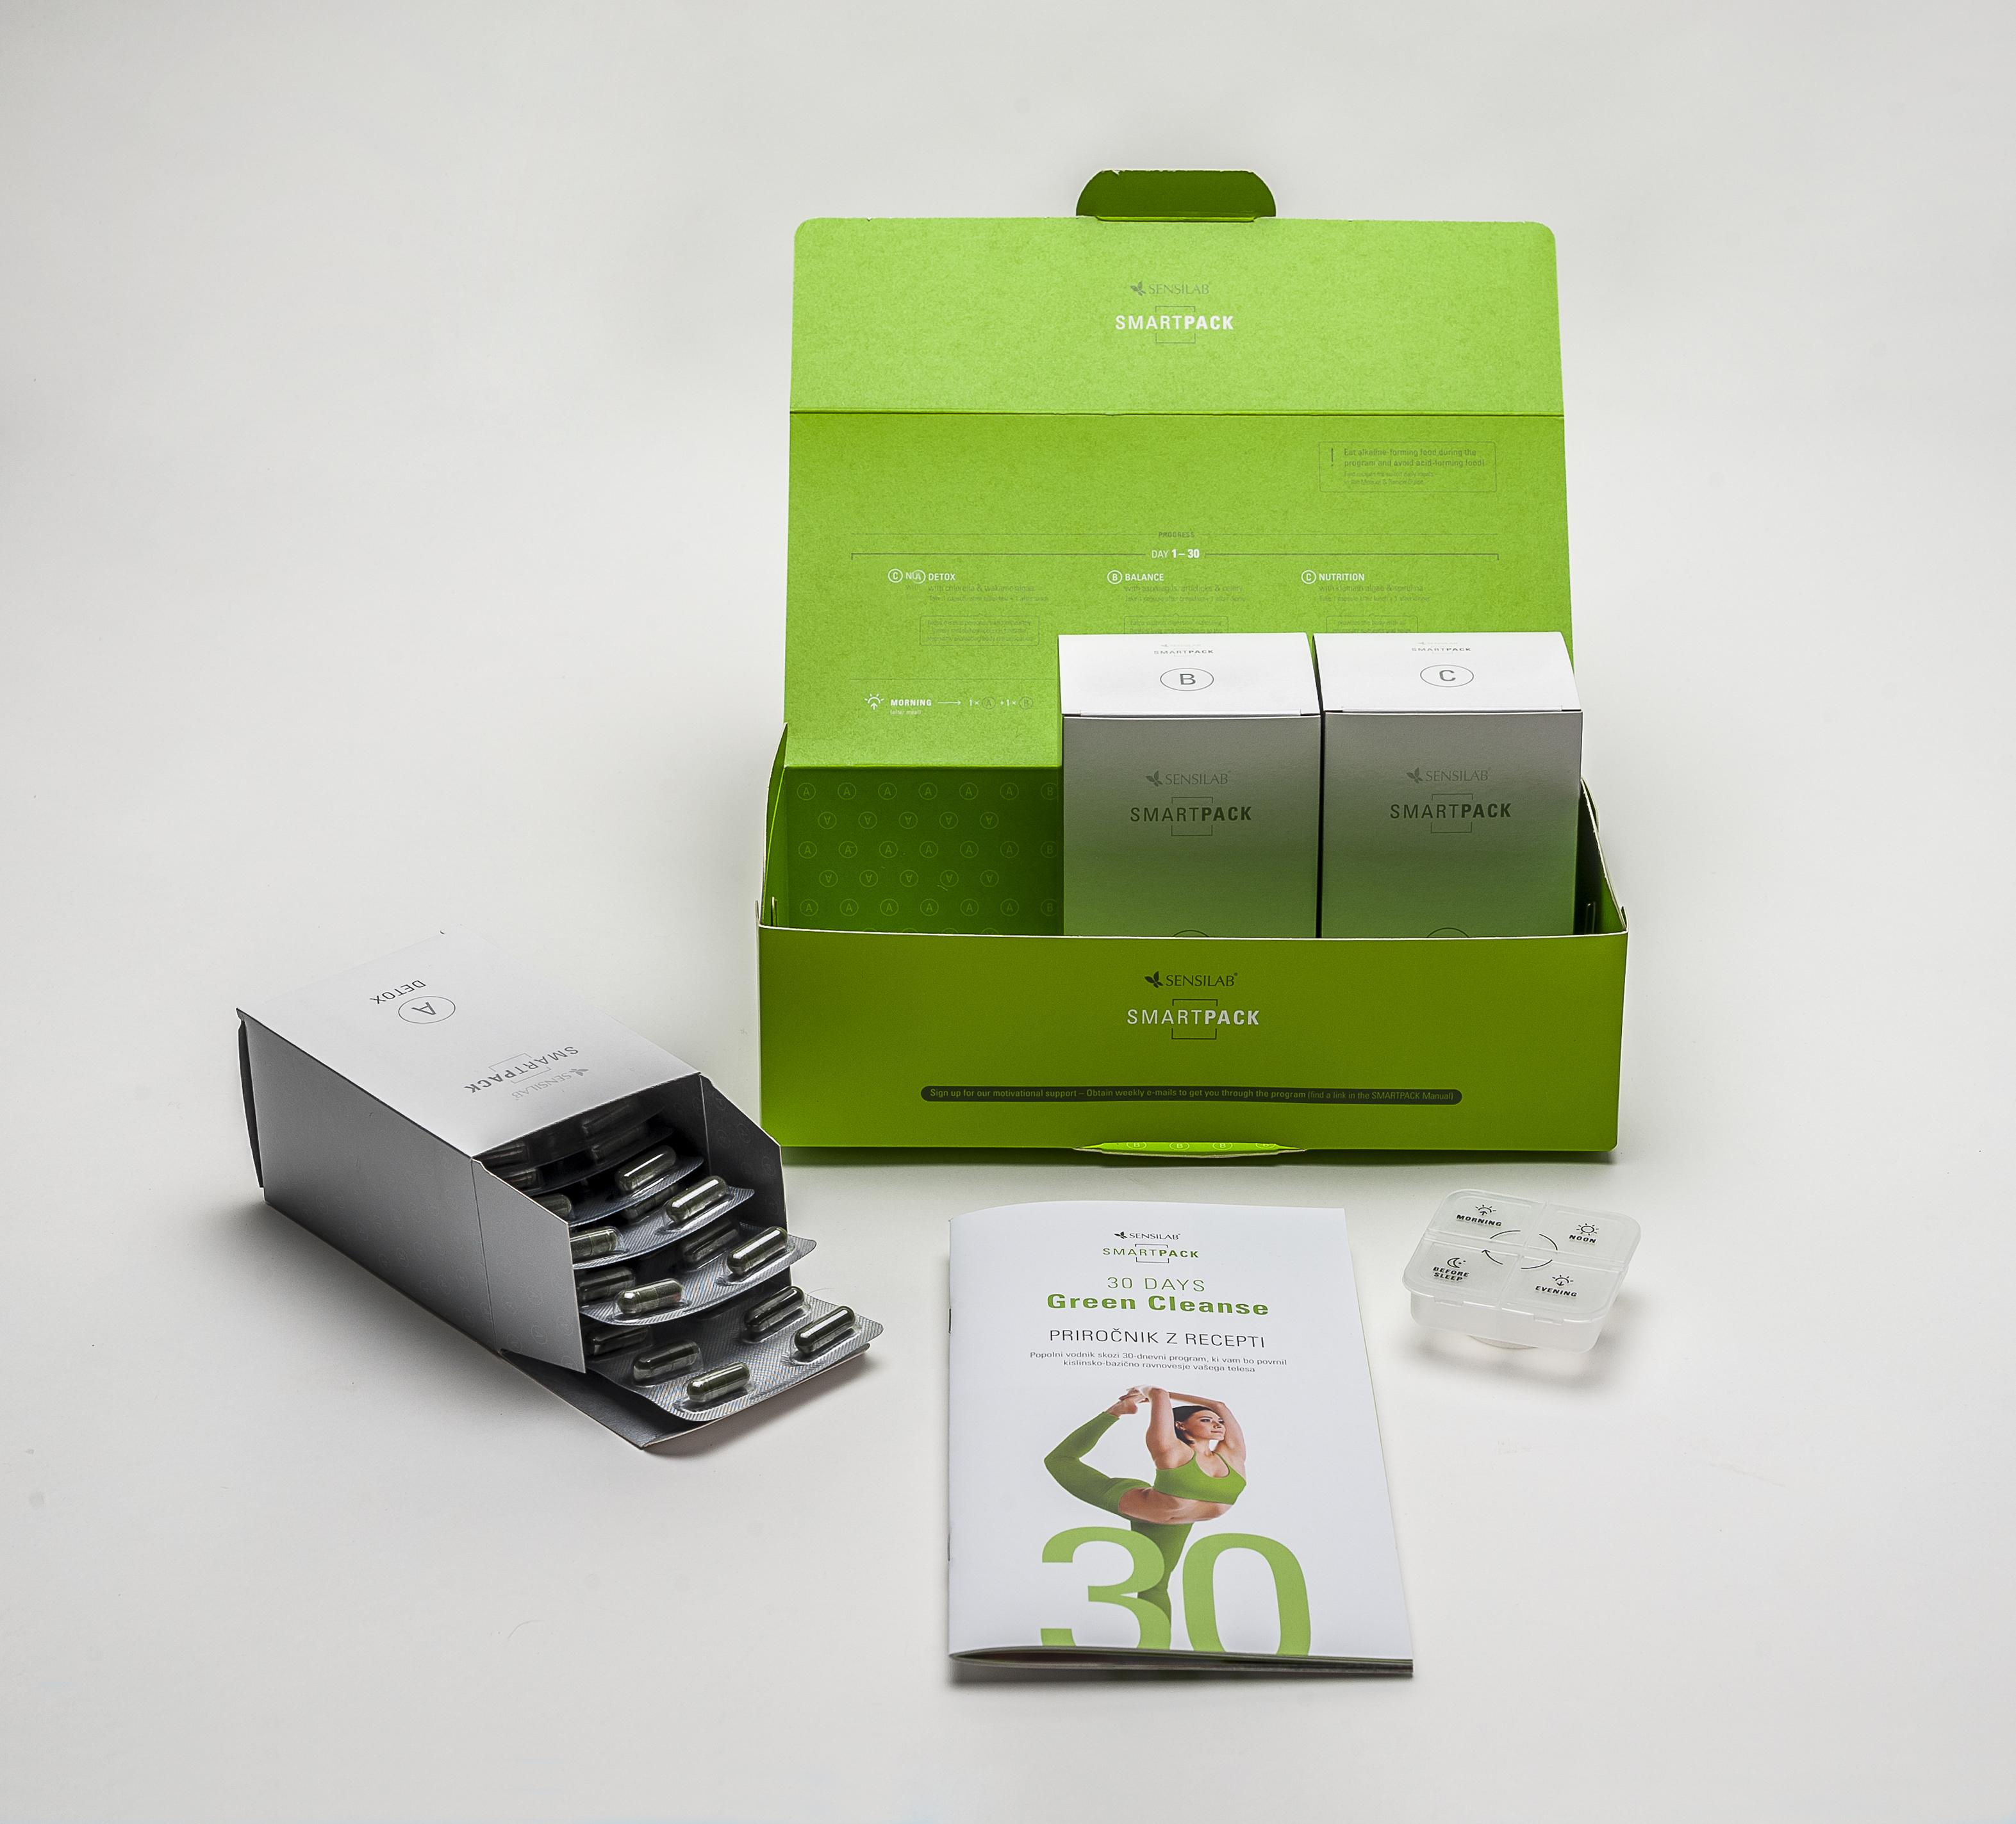 arnoldvuga-sensilab-smartpack-jure-kozuh-03